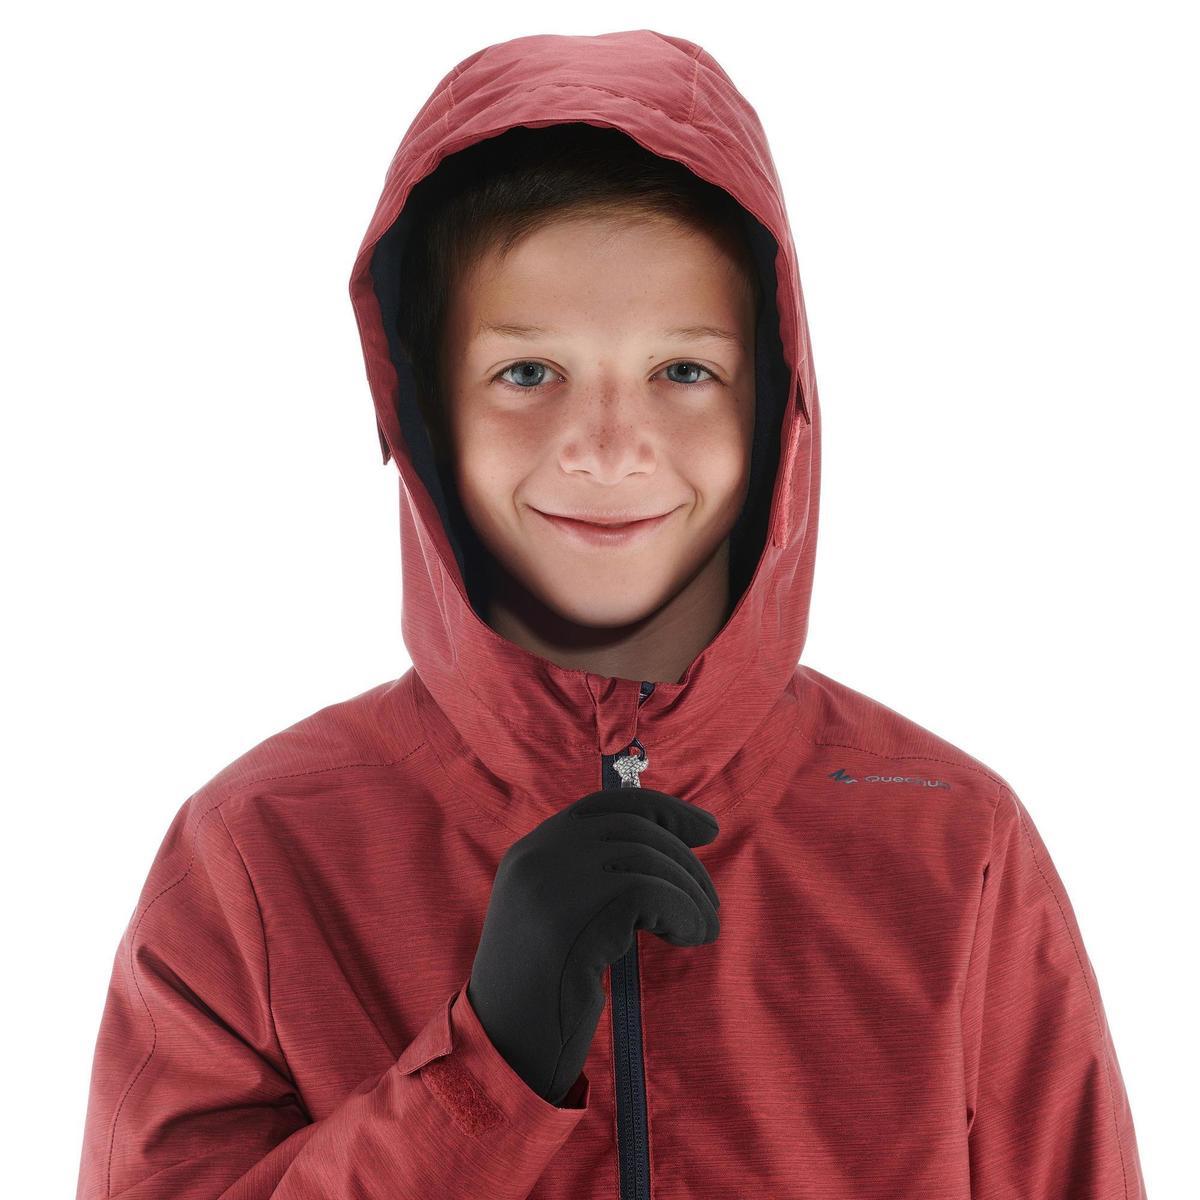 Bild 5 von Wanderjacke Schnee SH100 Warm Kinder rot